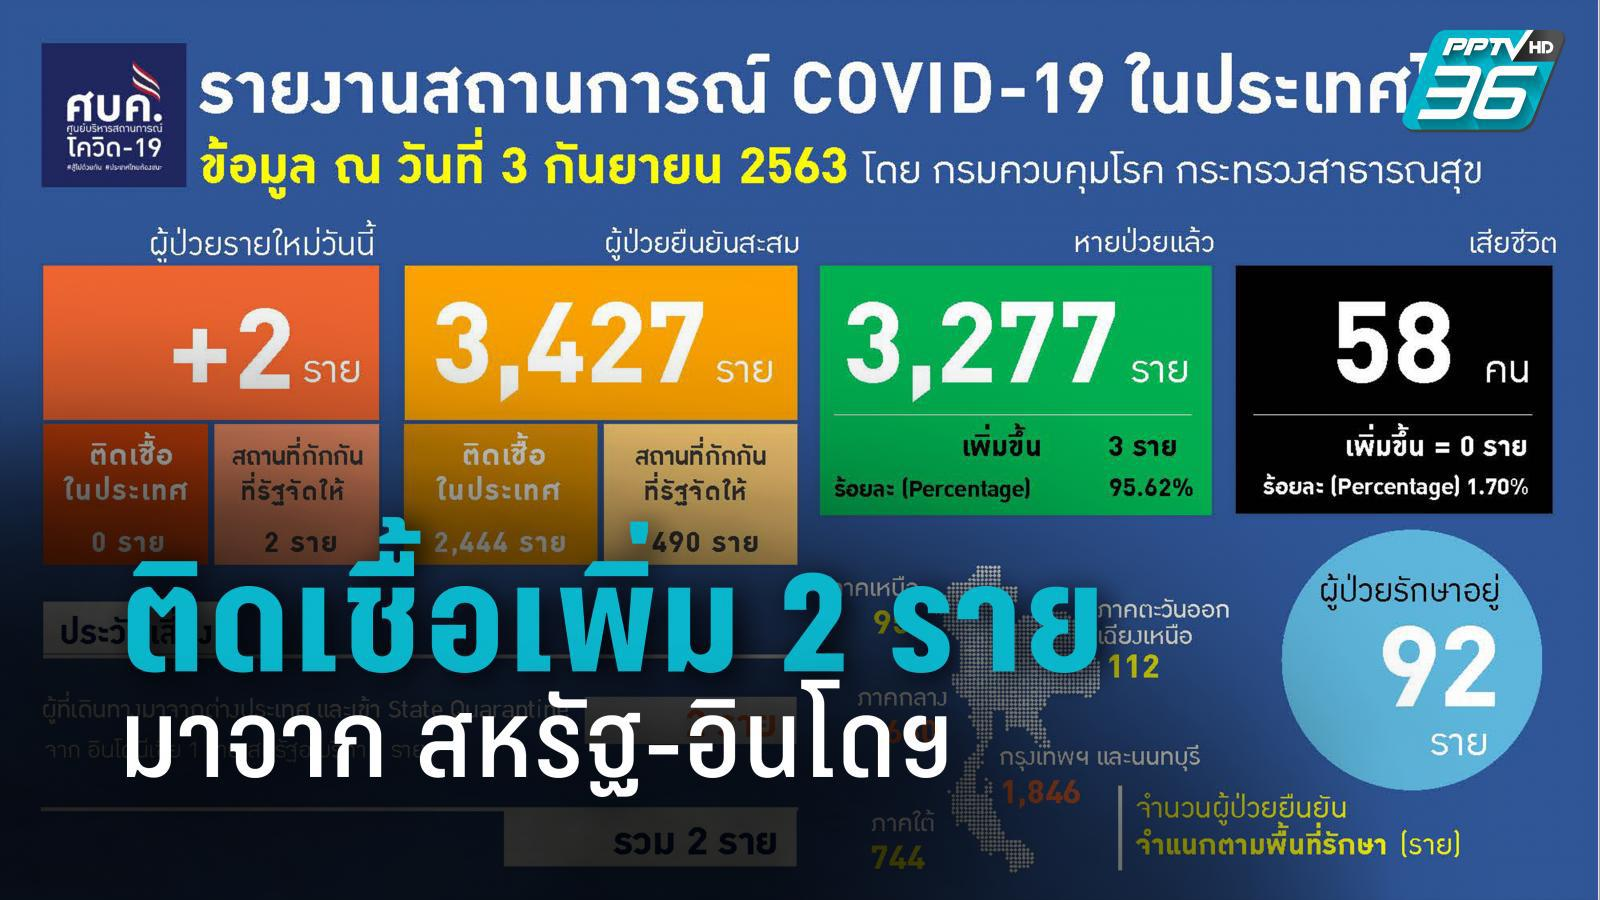 ติดเชื้อ โควิด-19 รายใหม่ 2 ราย มาจาก สหรัฐ-อินโดฯ